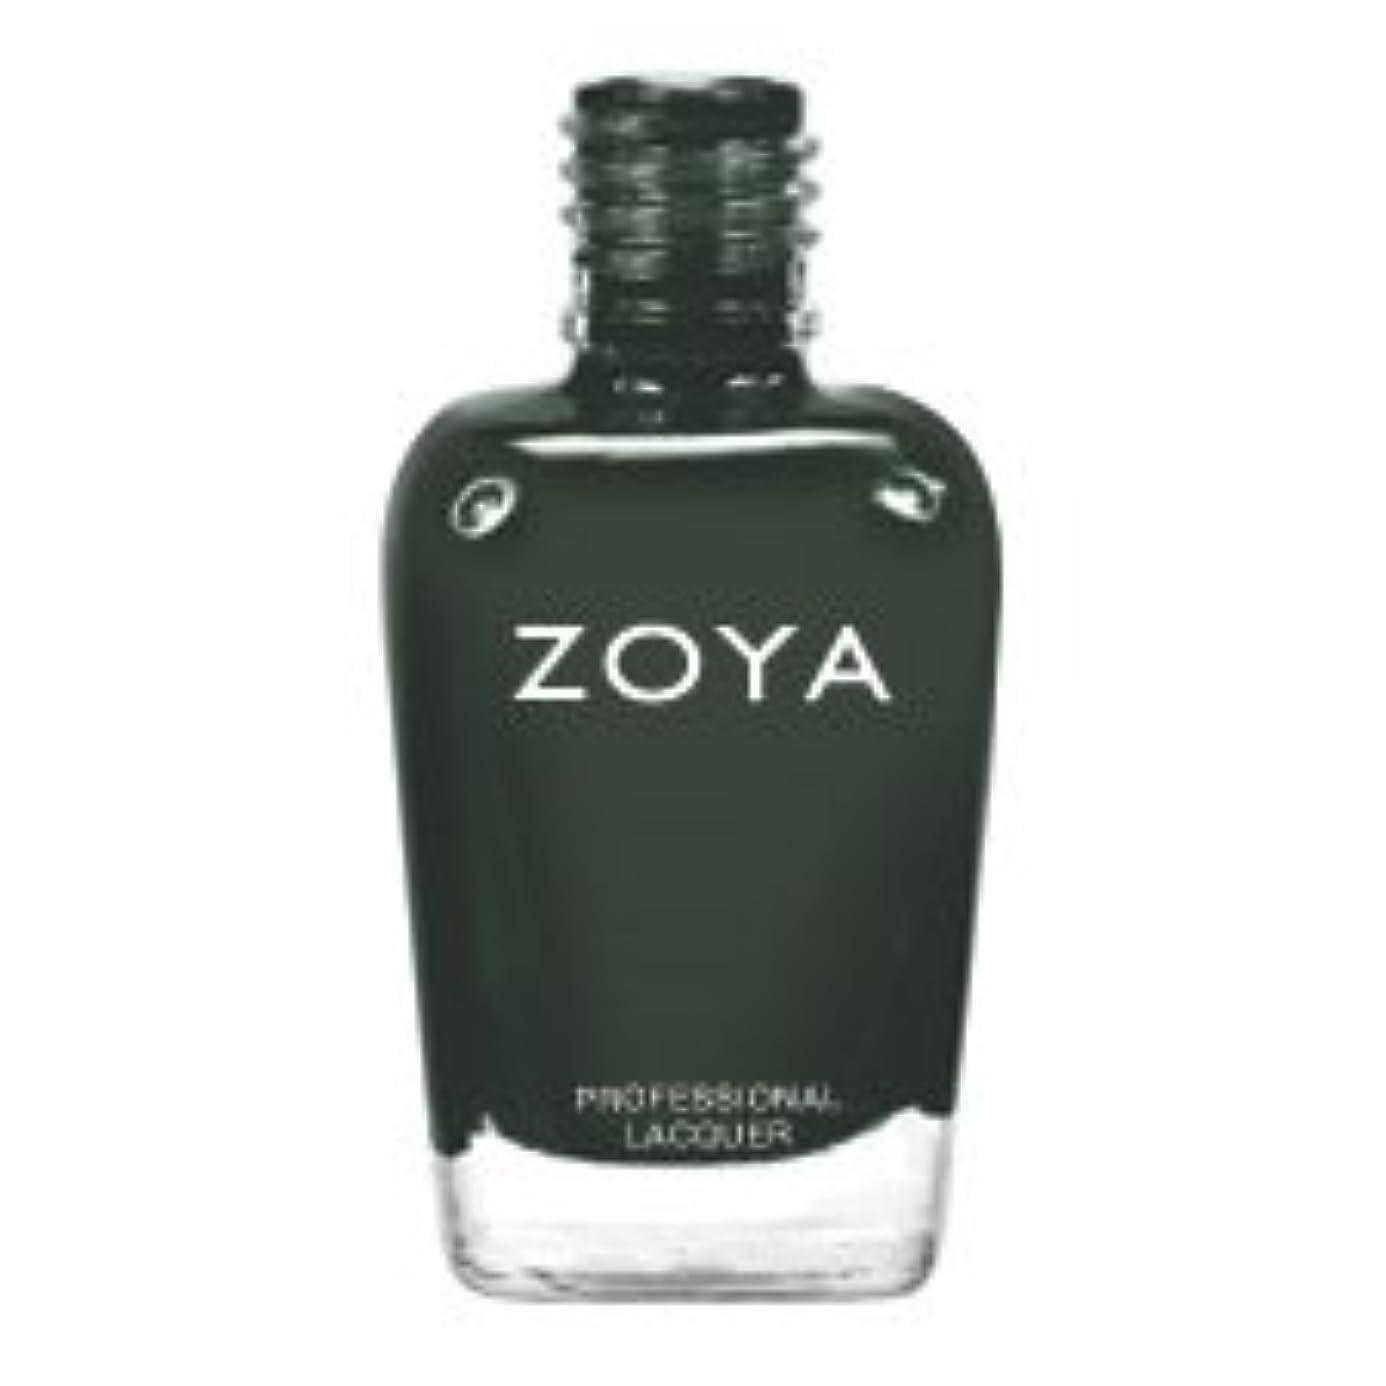 鳴らす常識私たちのもの[Zoya] ZP631 ヌート [Designer, Diva & Gloss Collection][並行輸入品][海外直送品]